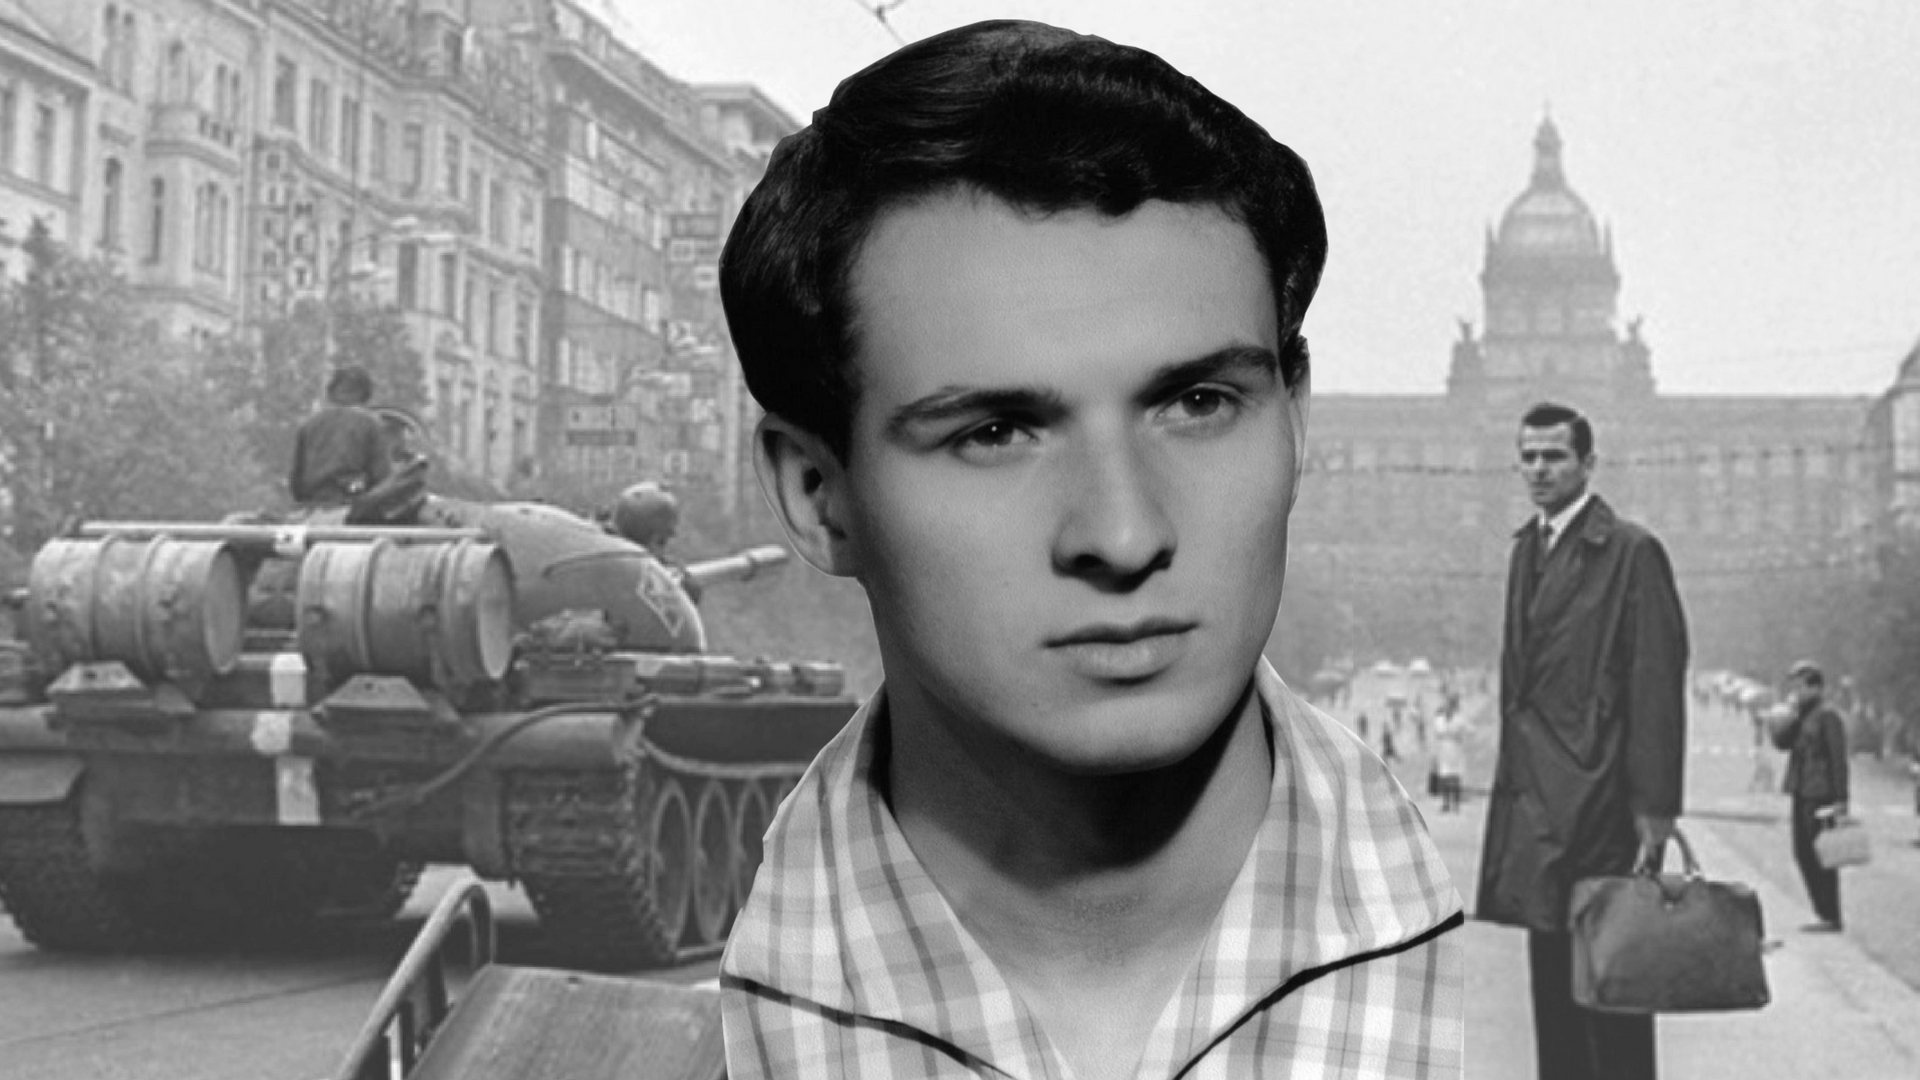 In ricordo di Jan Palach, la torcia umana simbolo di libertà